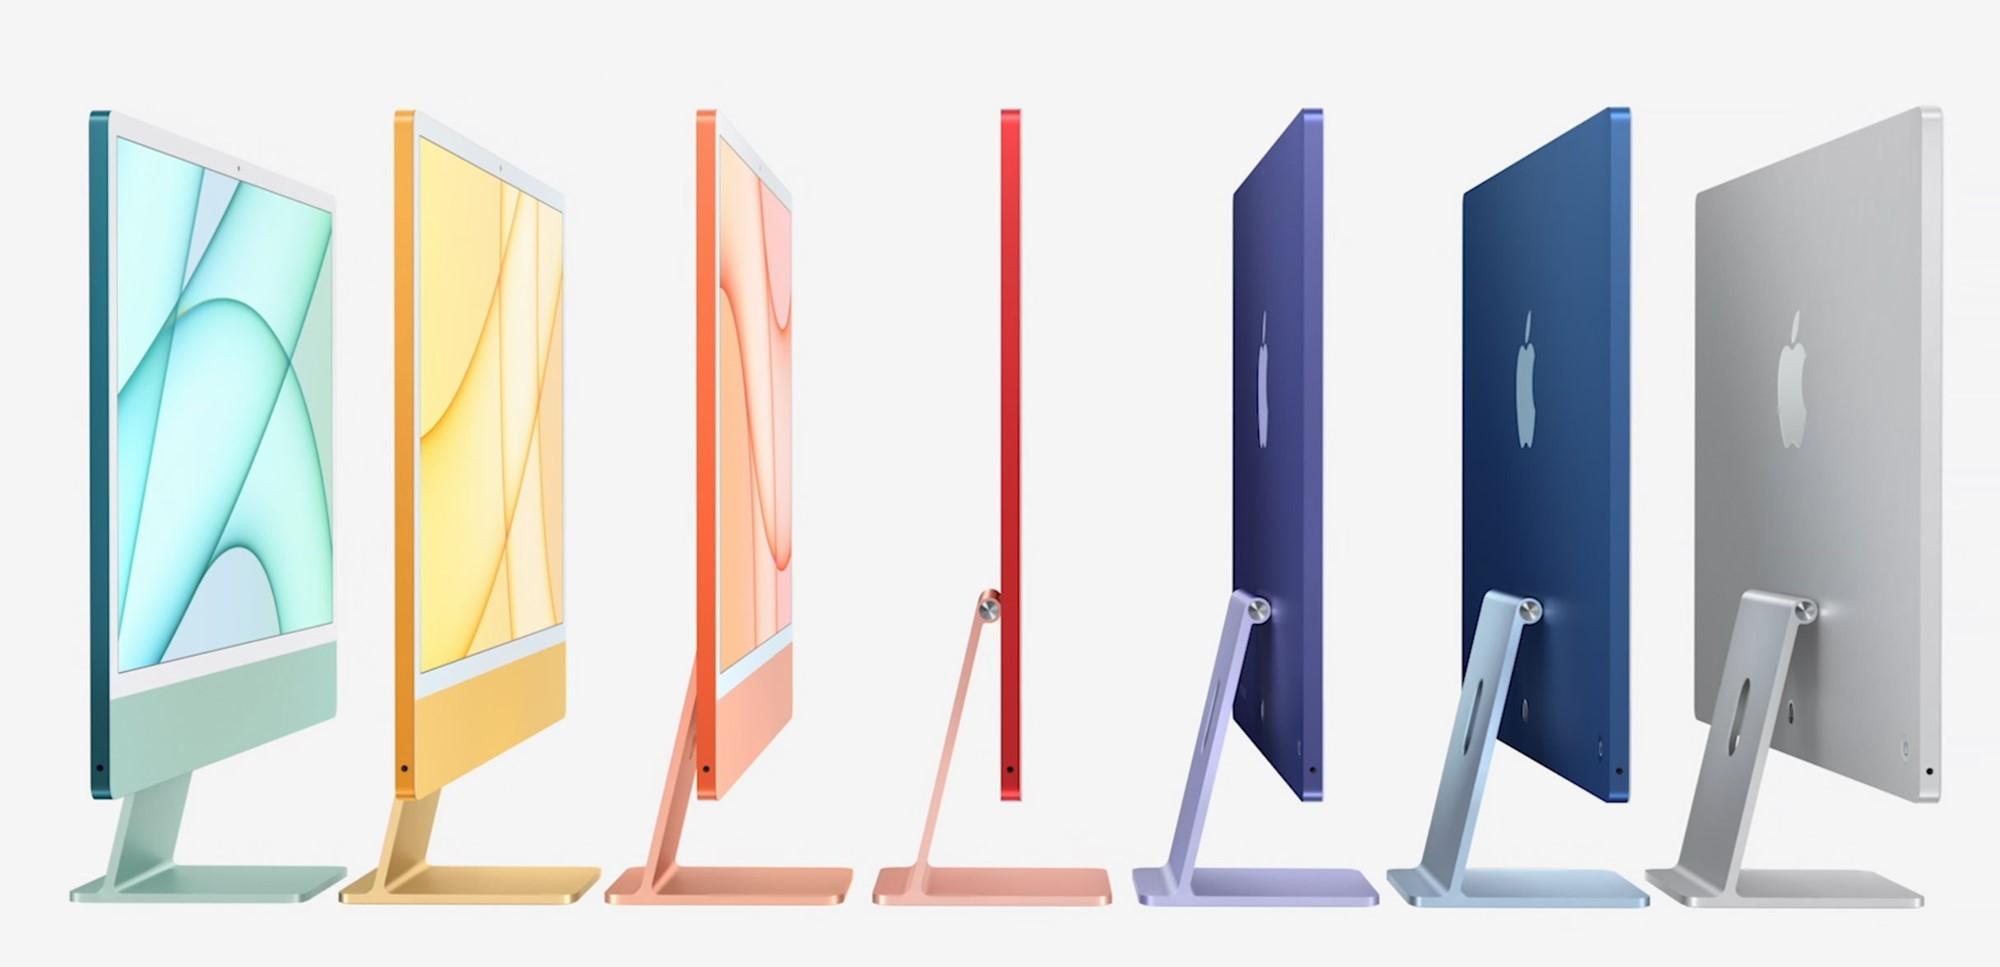 Apple анонсировала цветные iMac в новом дизайне — Wylsacom